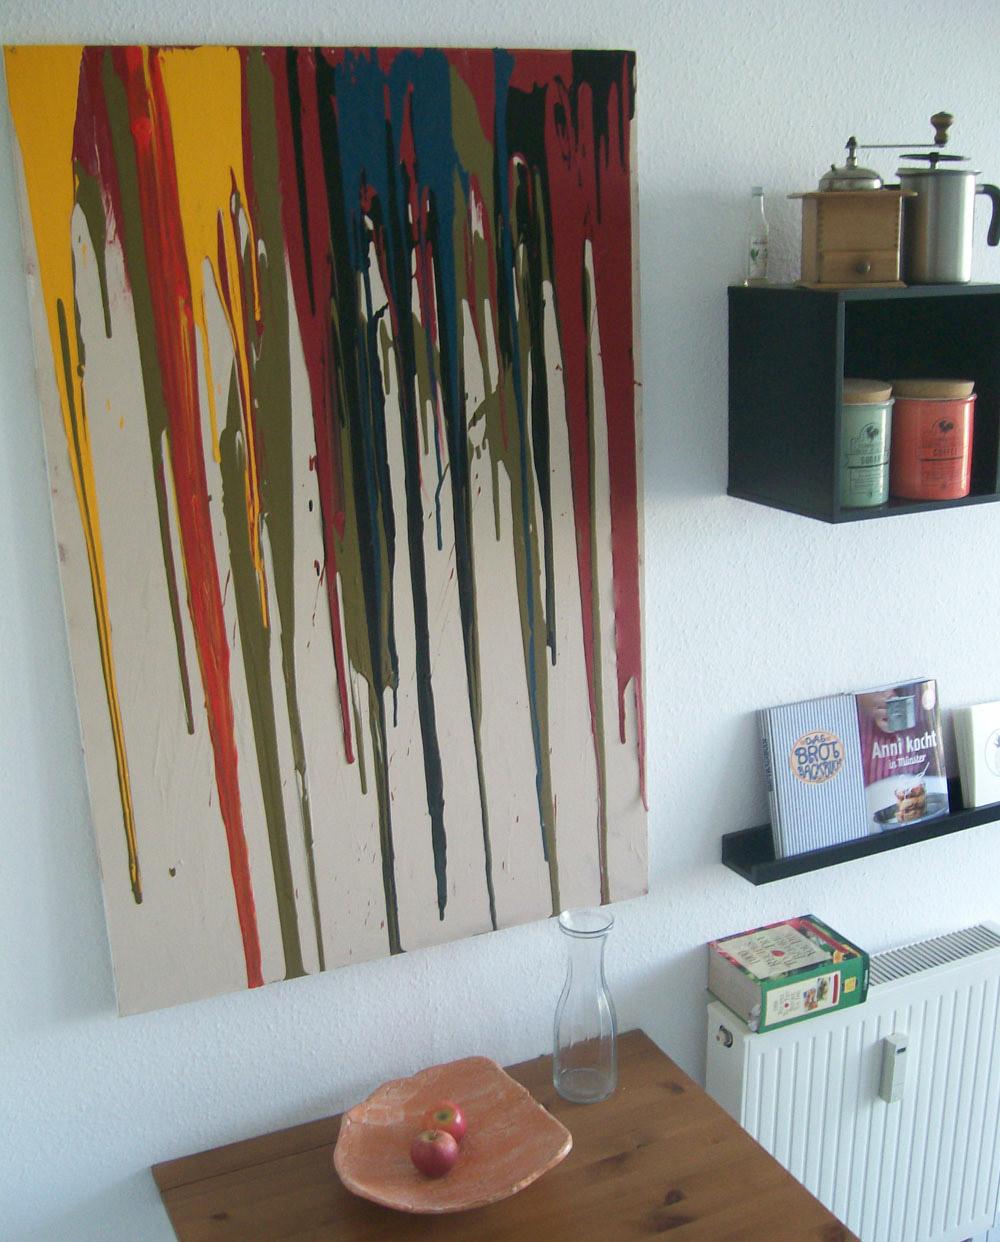 Wanddekoration selbst gemacht nxsone45 - Wanddeko selbst gemacht ...